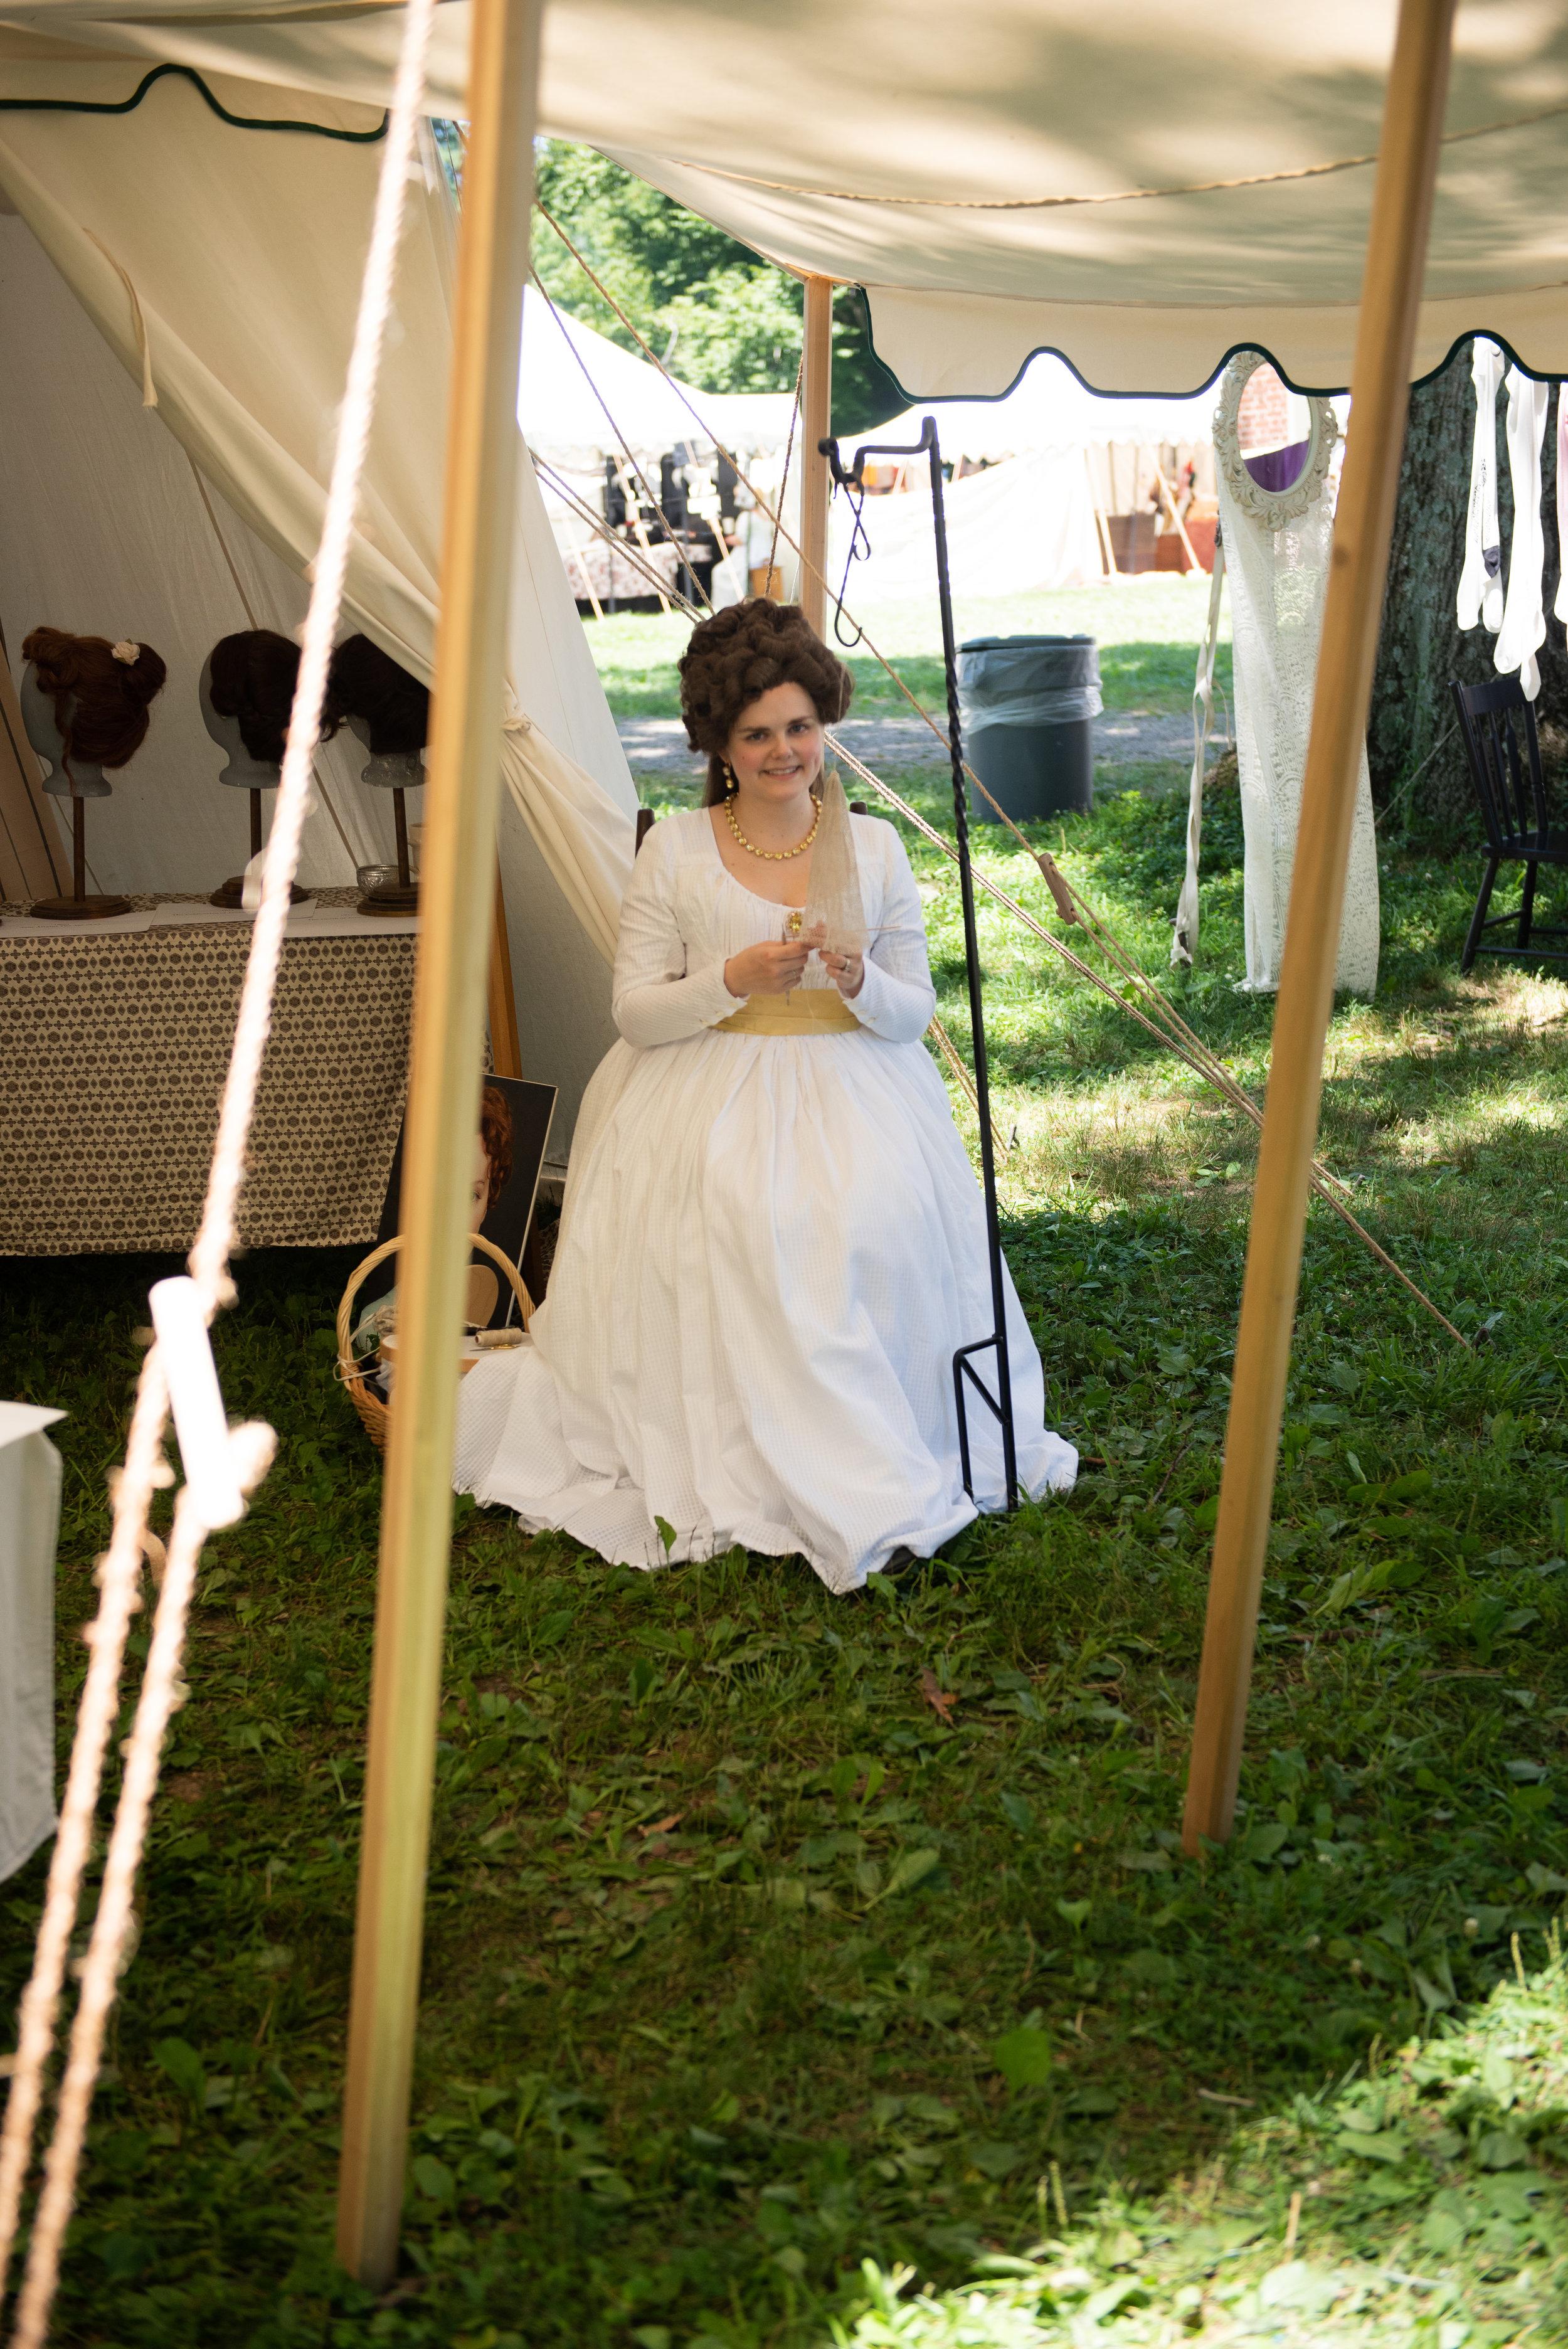 Jane Austen Festival Louisville Kentucky 2019 Regency Hairstyles